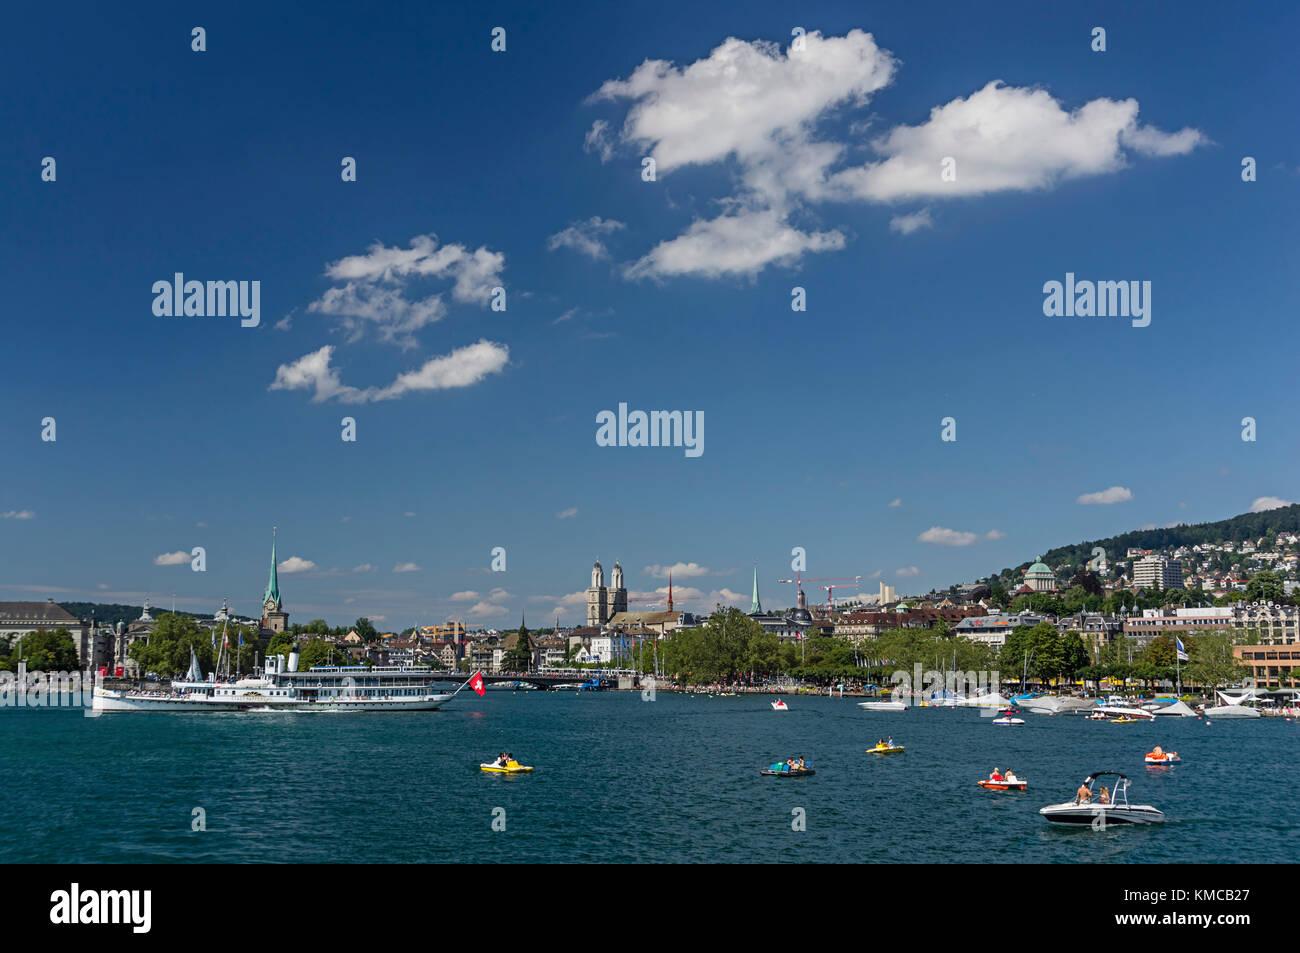 Lake Zurich , Skyline with Grossmunster, Steam boat,  Zurich, Canton Zurich, Switzerland - Stock Image